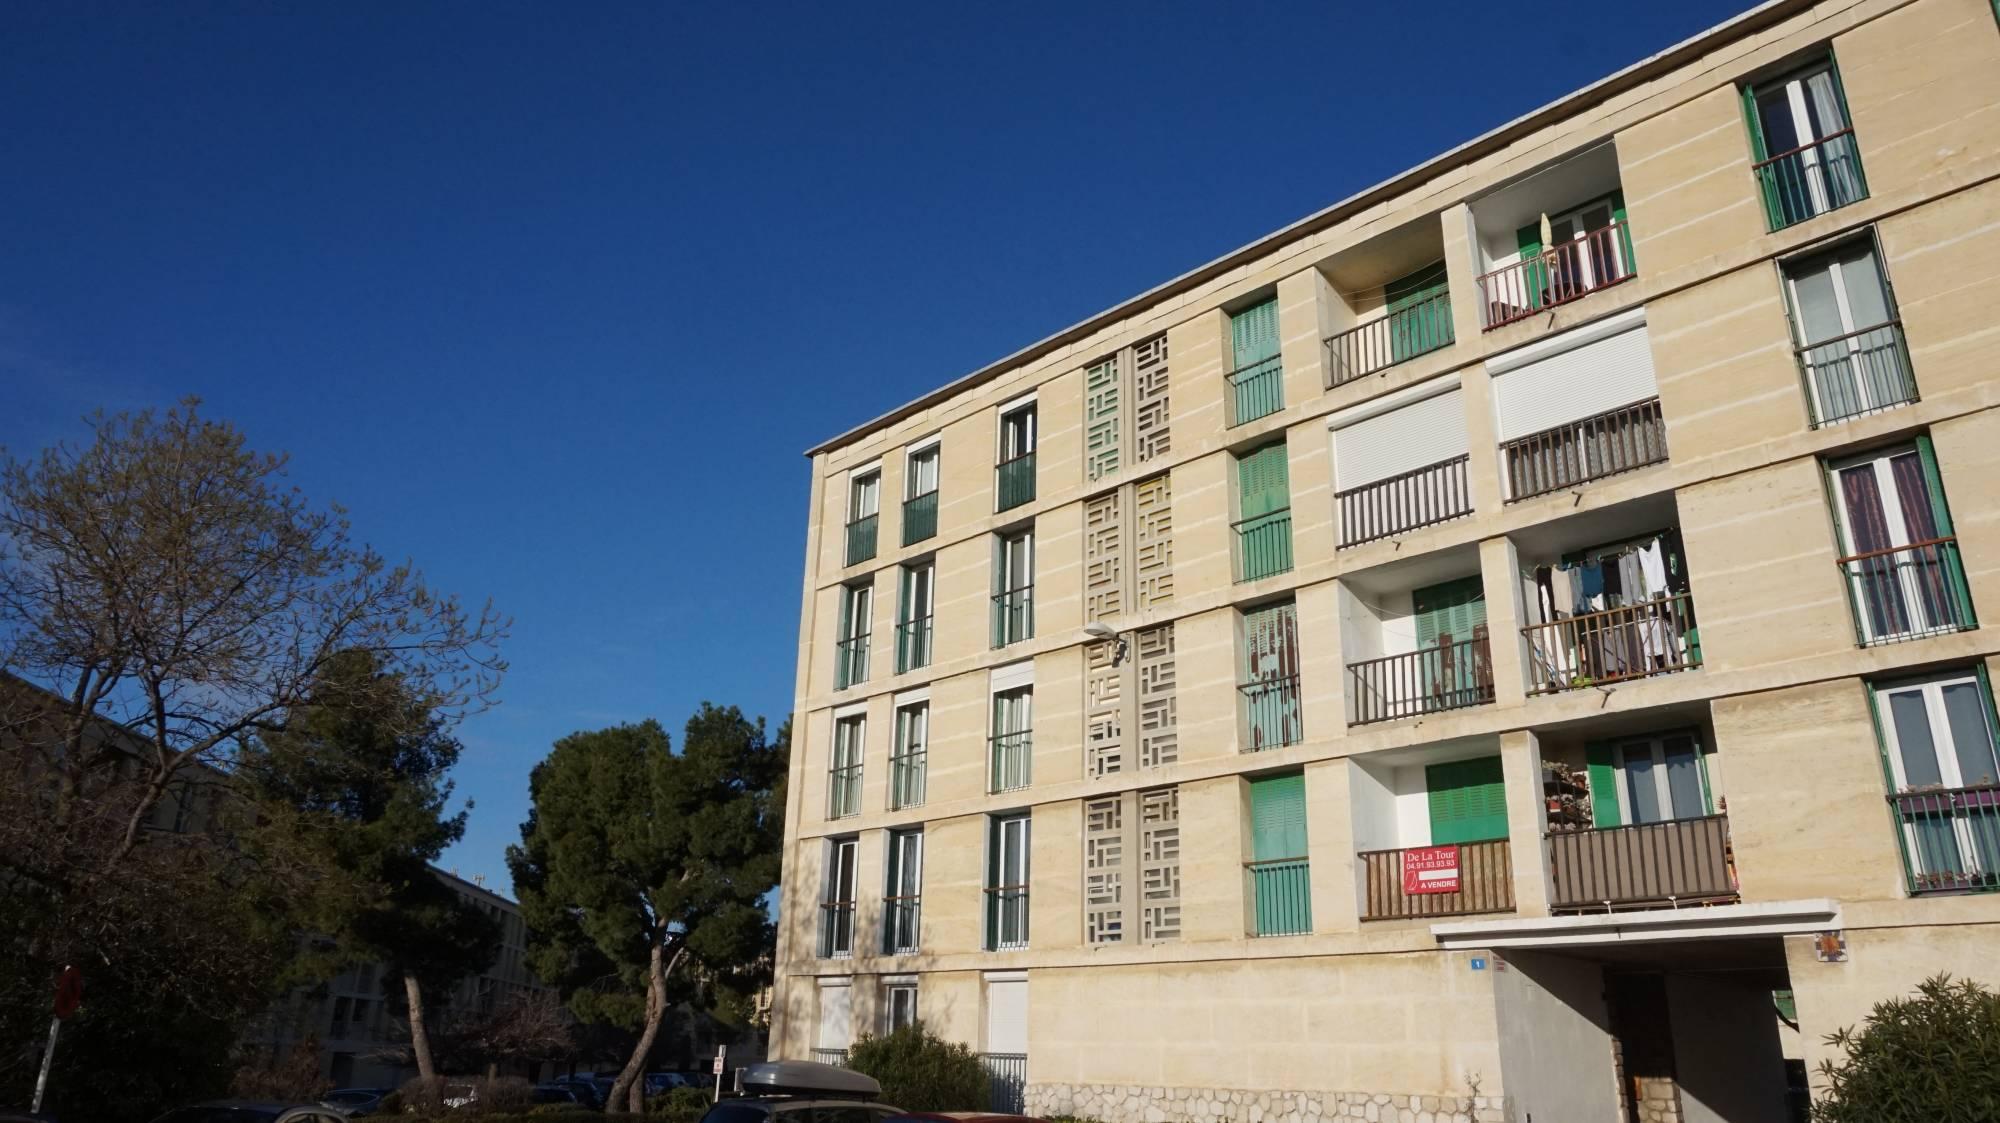 A vendre Bois Lemaitre 13012 Appartement 4 pièces de 65 m² à rénover